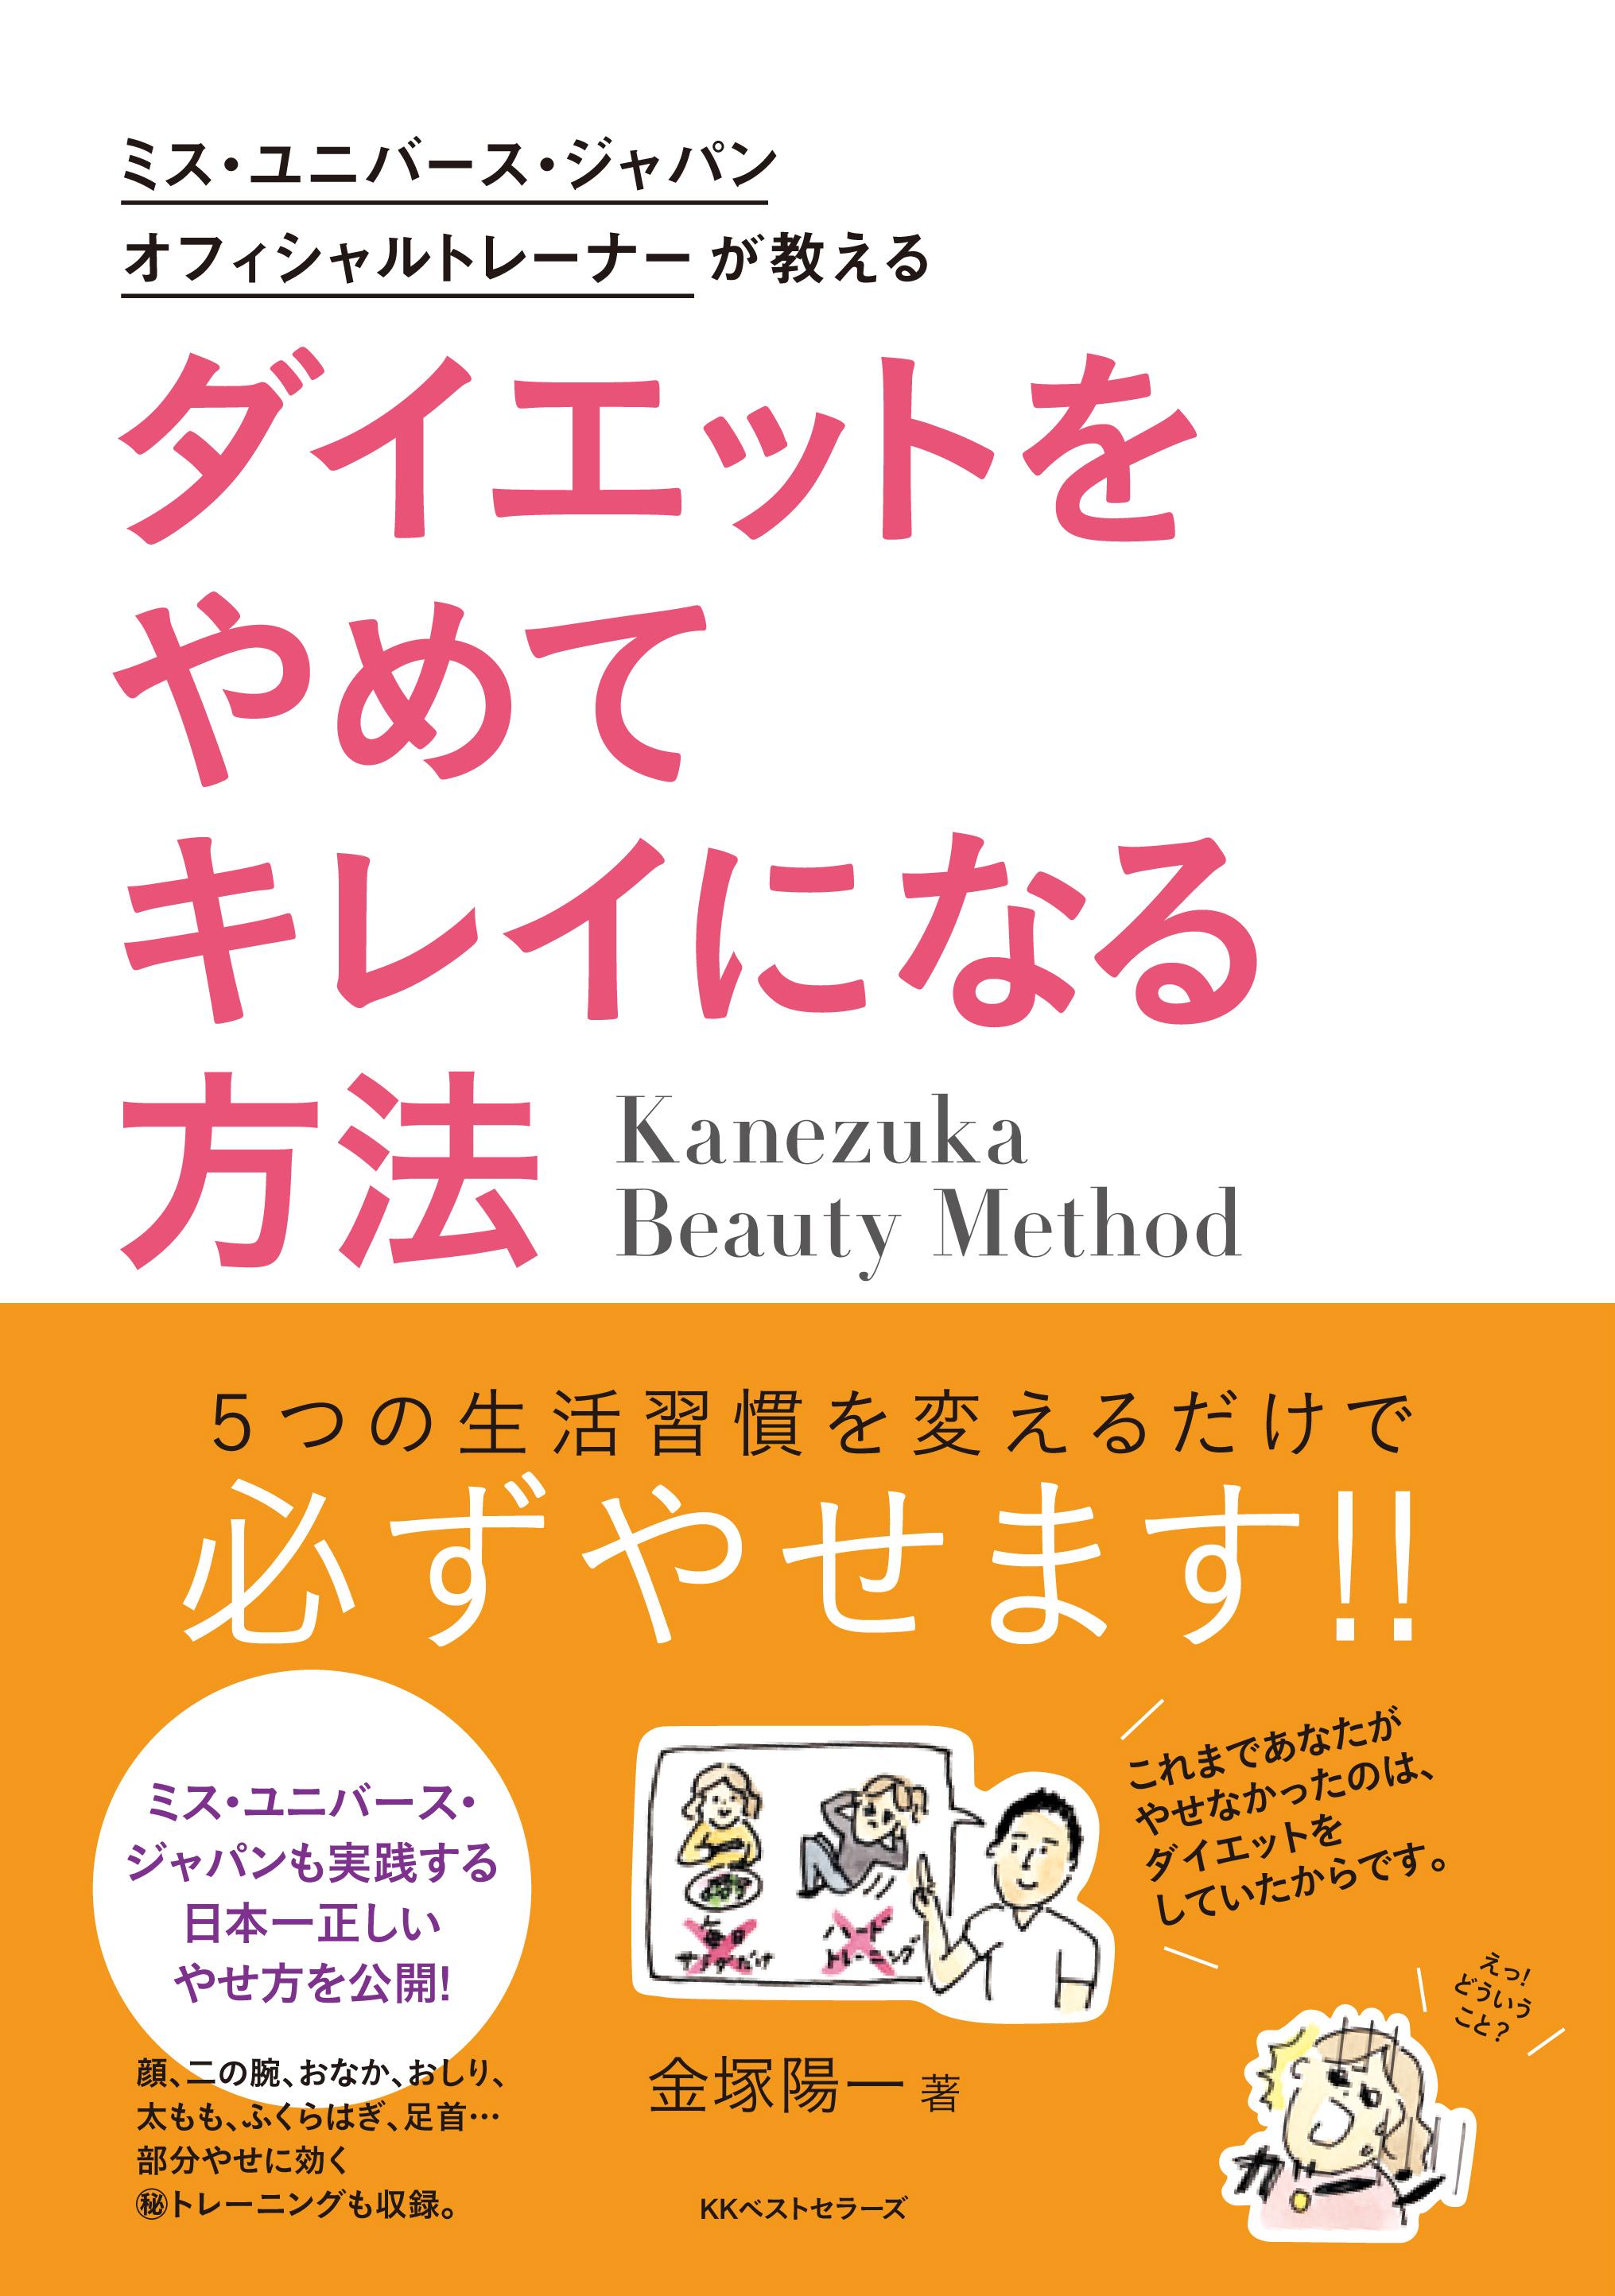 夏まであとわずか!! 書籍『ミス・ユニバース・ジャパン オフィシャルトレーナーが教える ダイエットをやめてキレイになる方法』でカラダを変える!